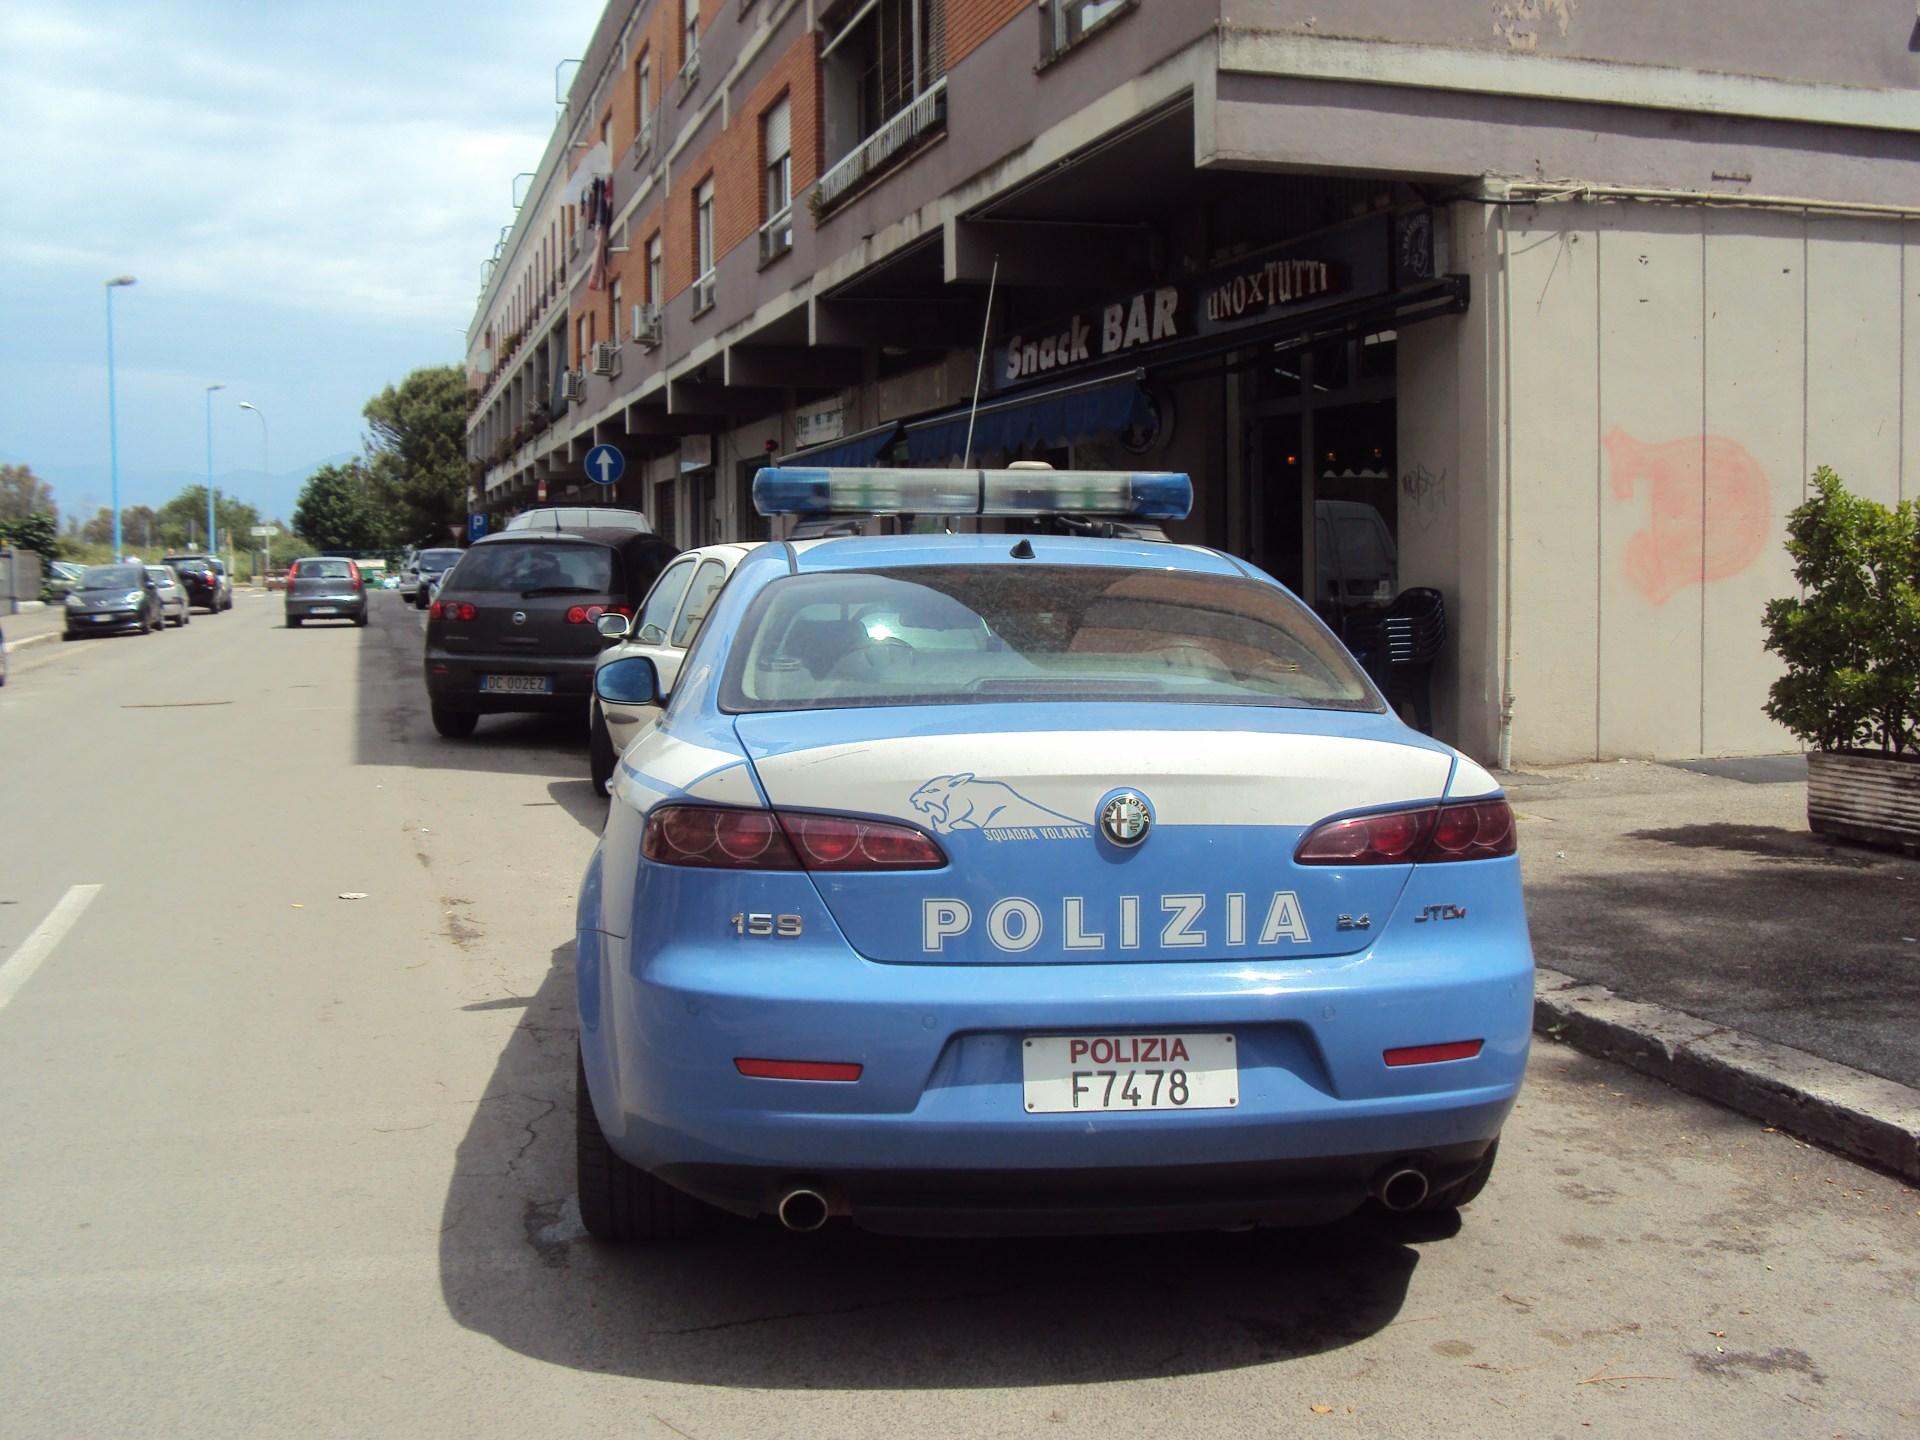 polizia-generica28462864g